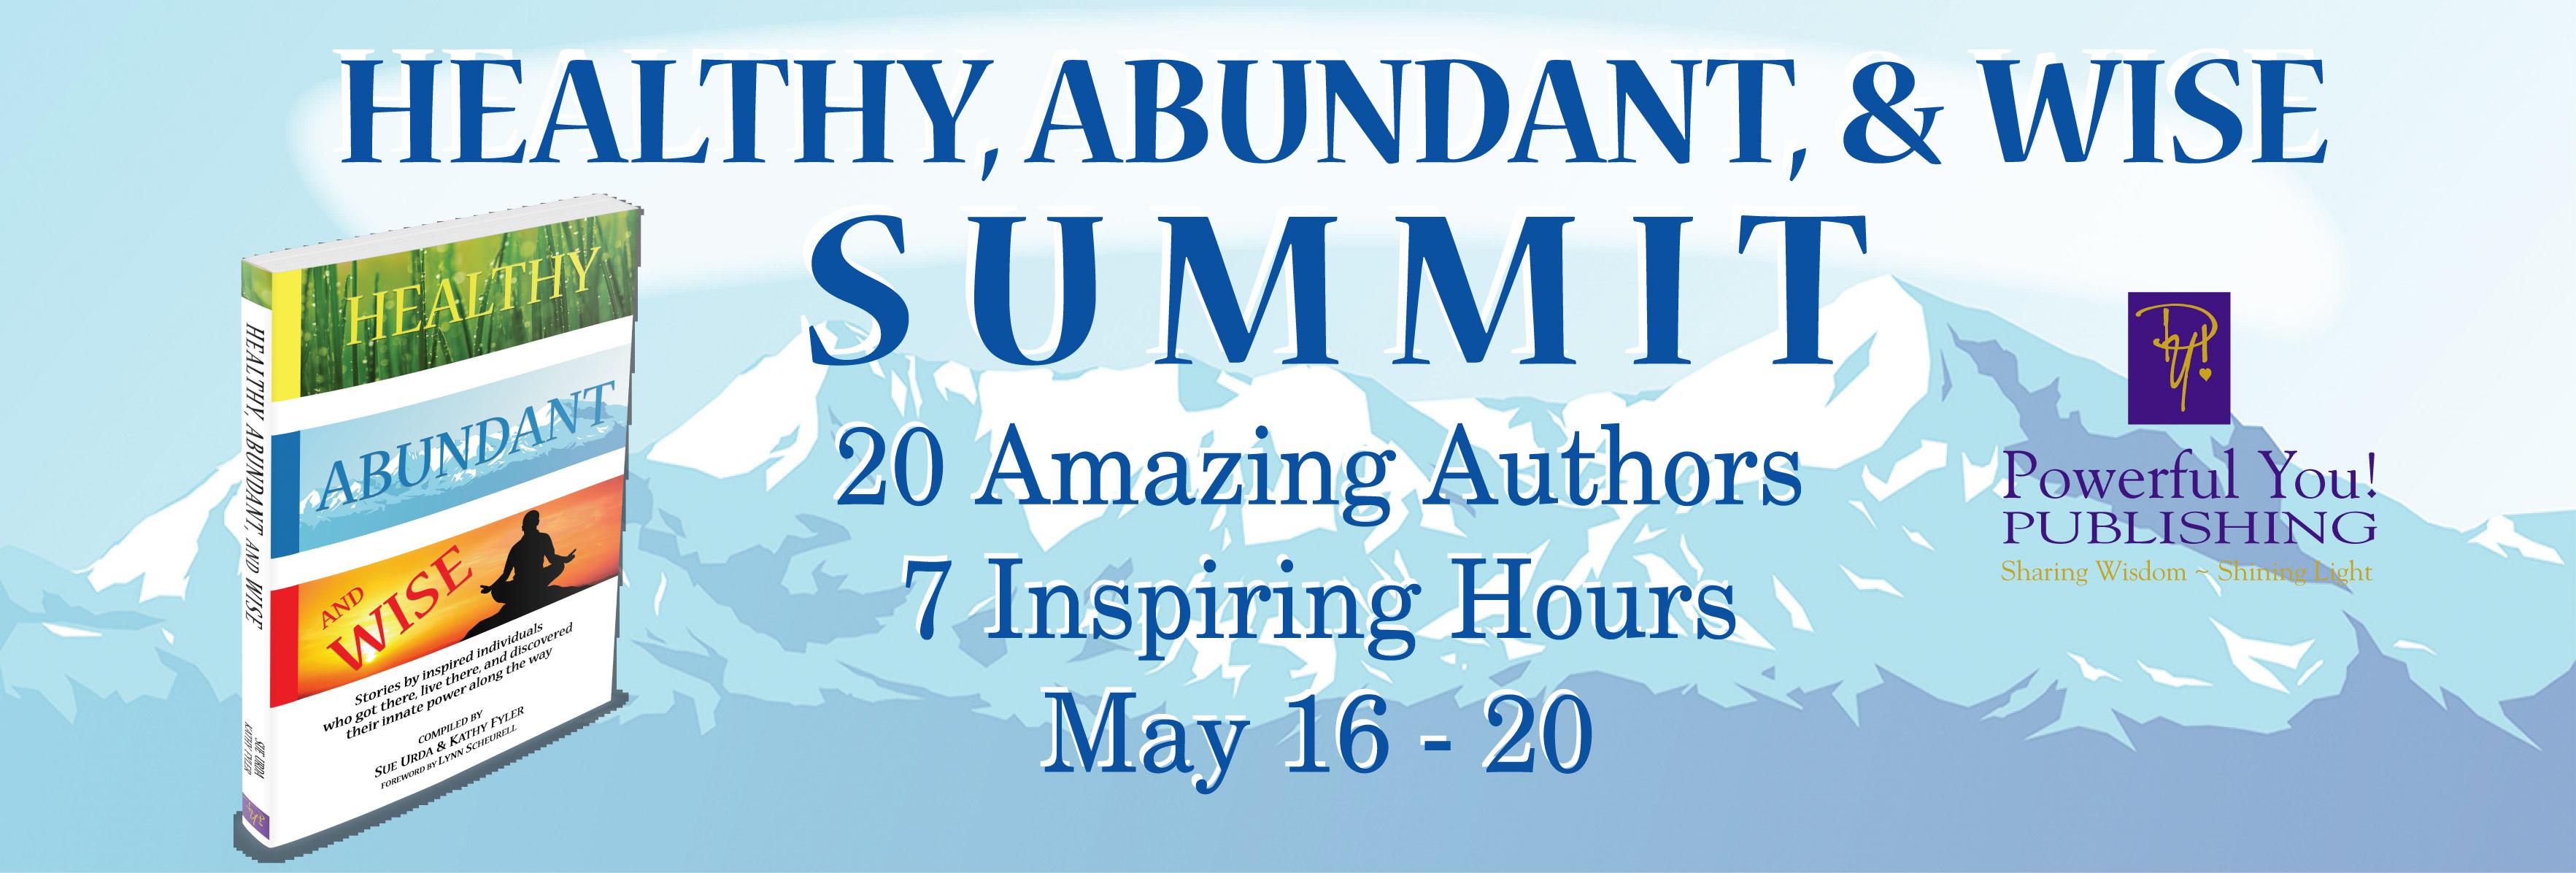 Healthy, Abundant, & Wise Summit: May 16 – 20